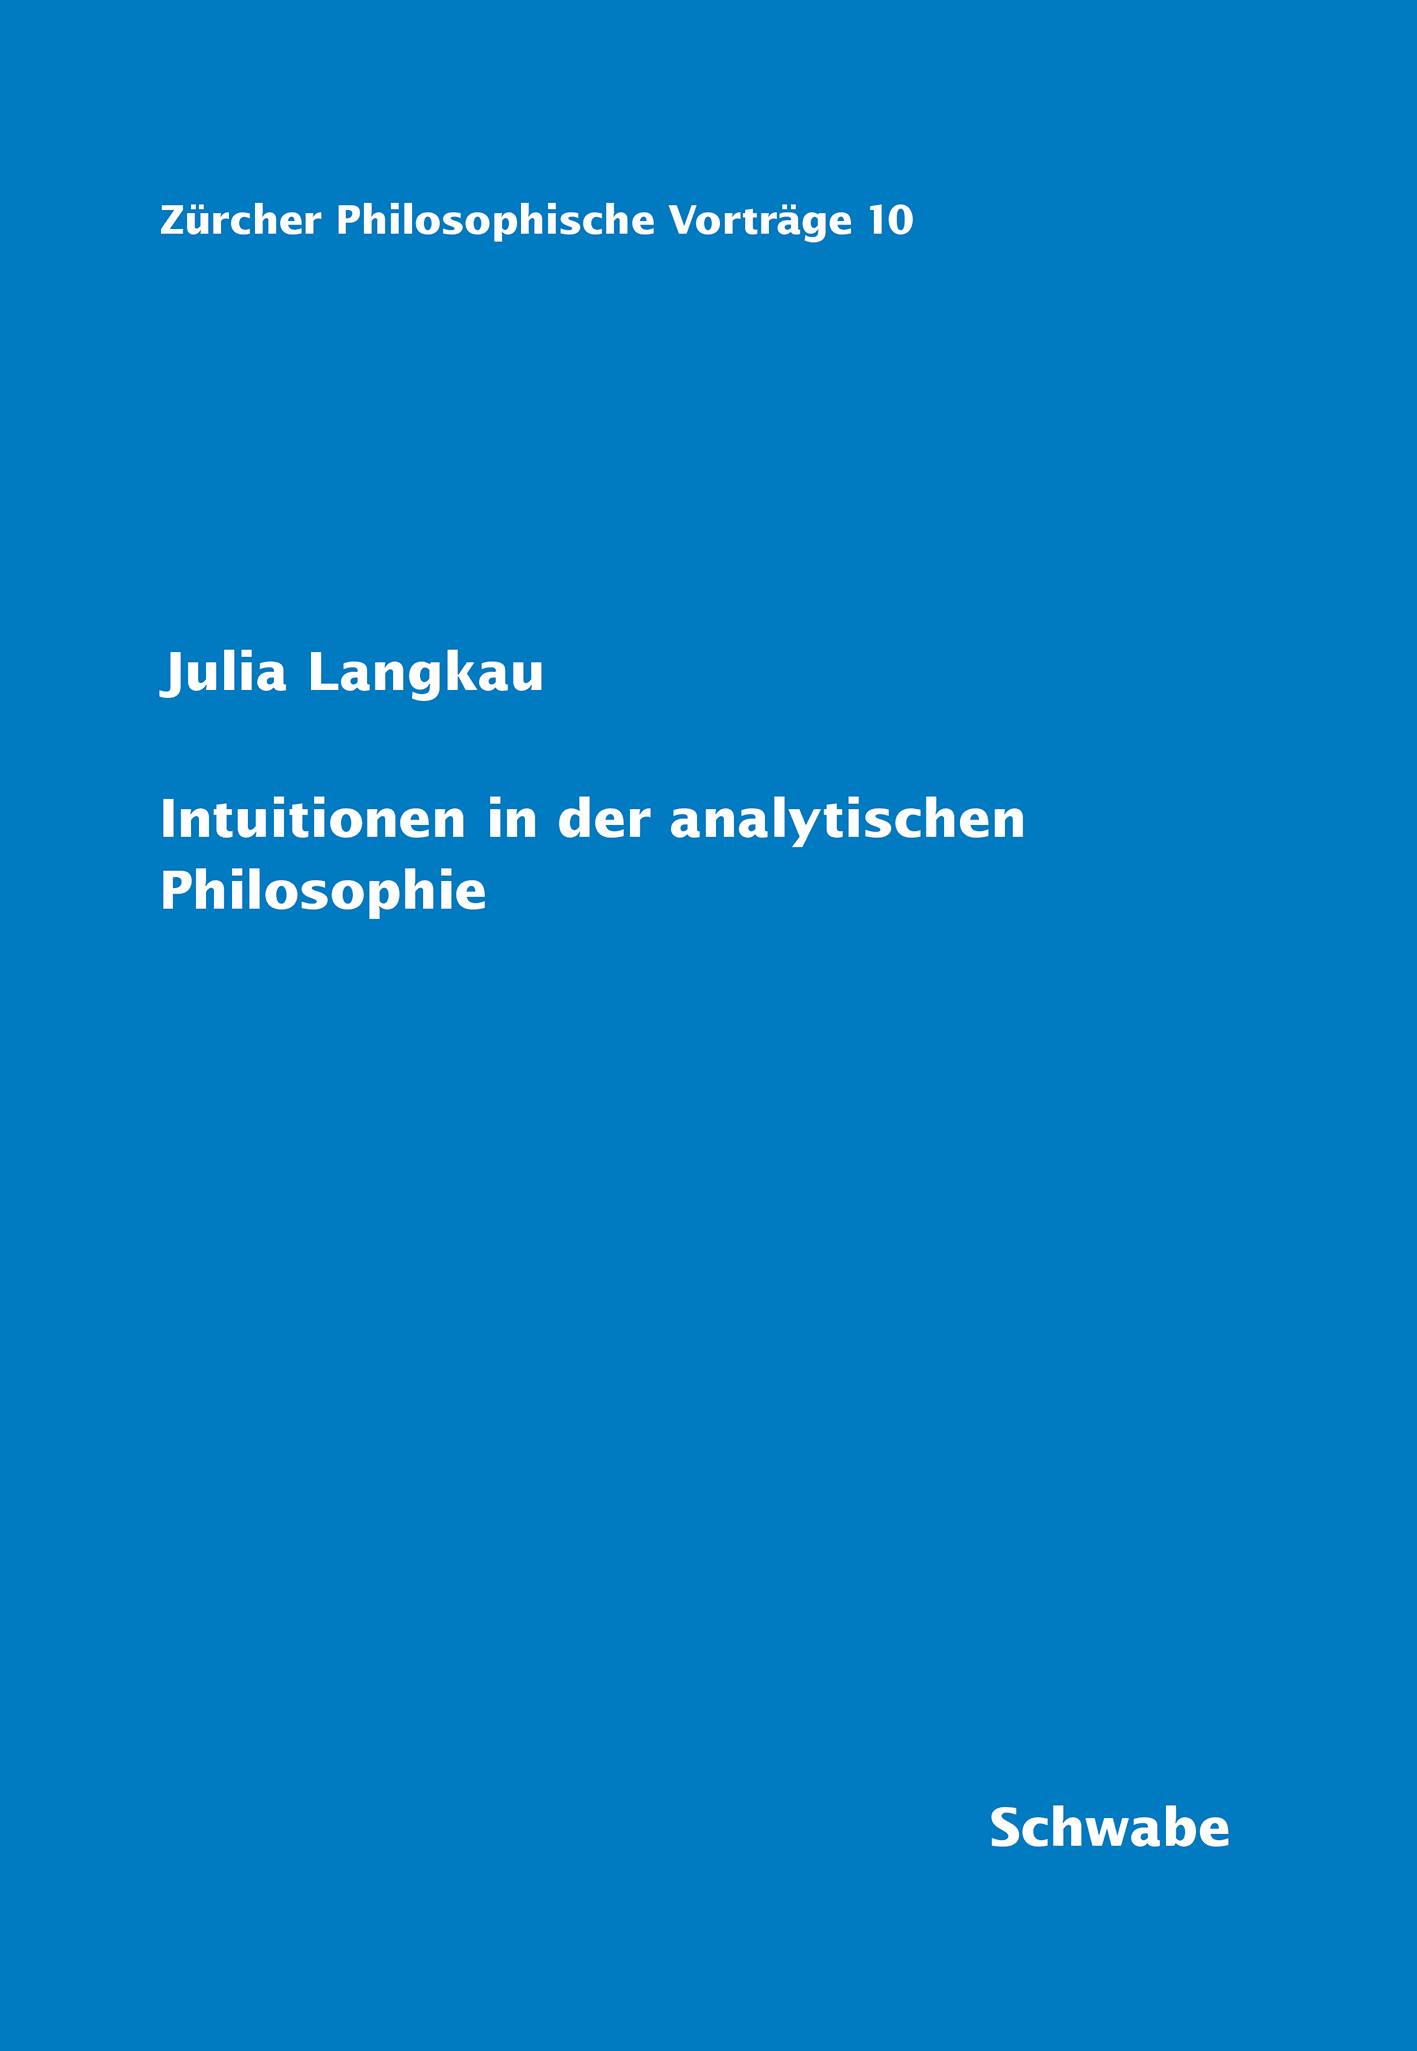 Zürcher Philosophische Vorträge (E-Book-Reihe)